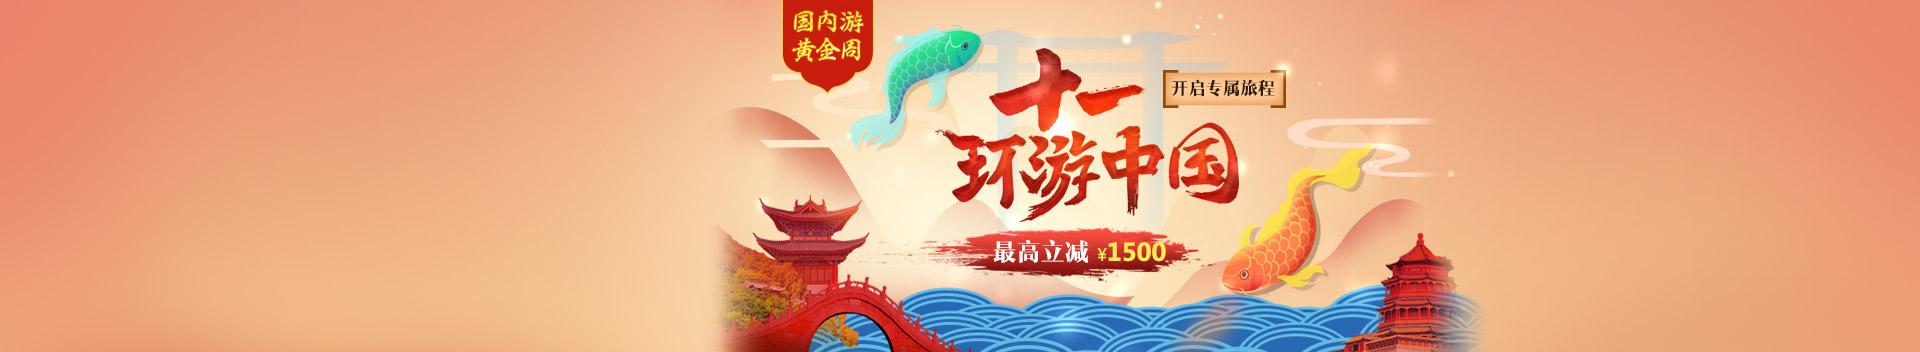 十一环游中国